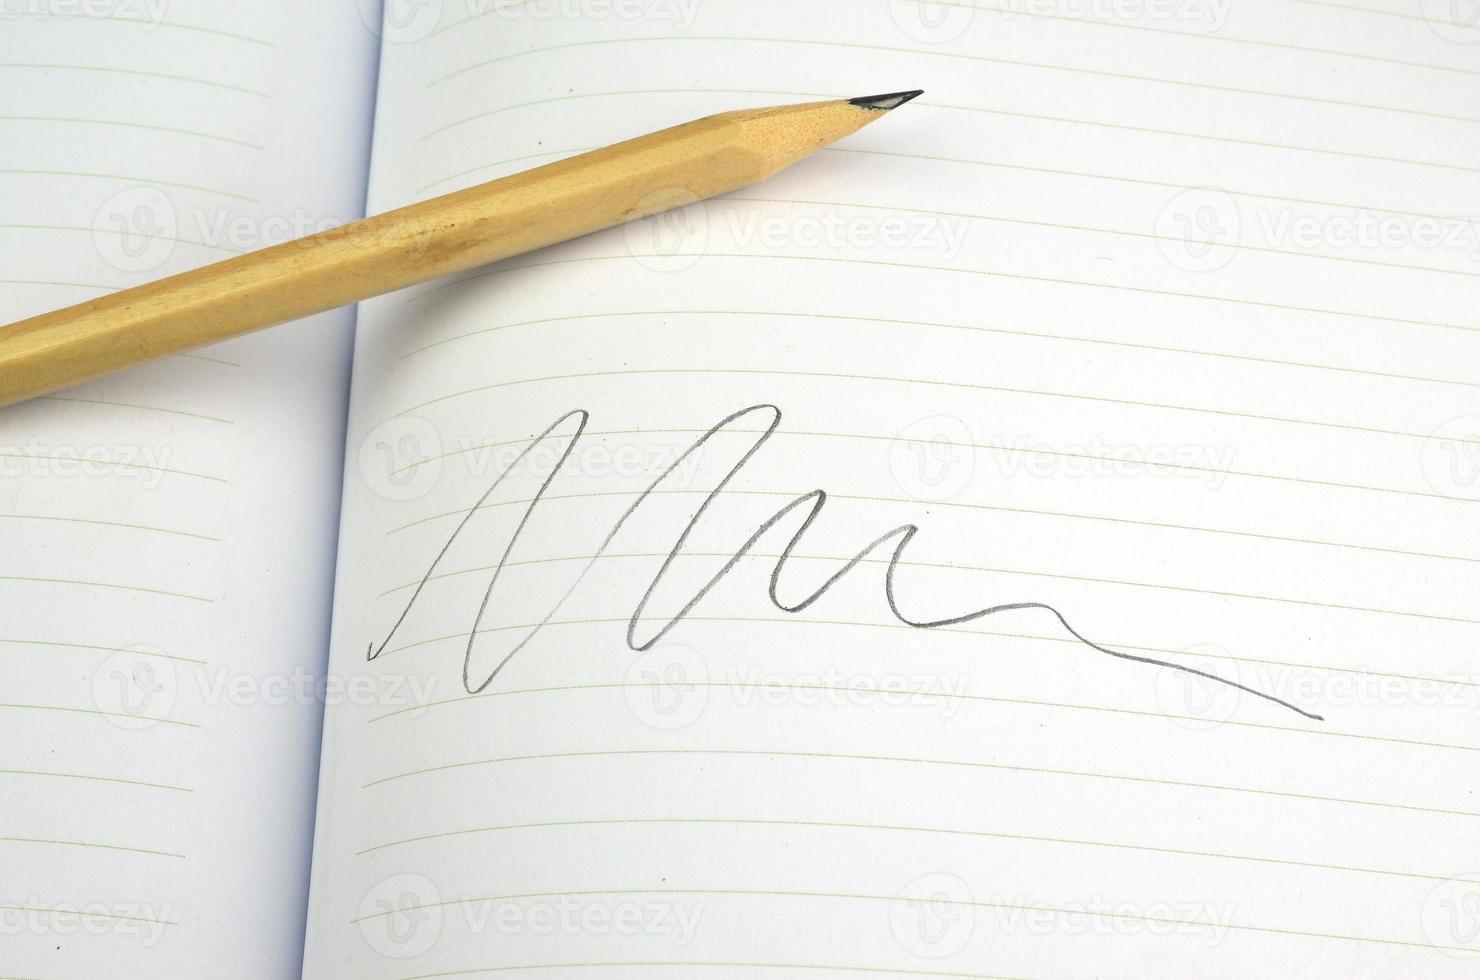 cahiers et crayon sur fond blanc photo